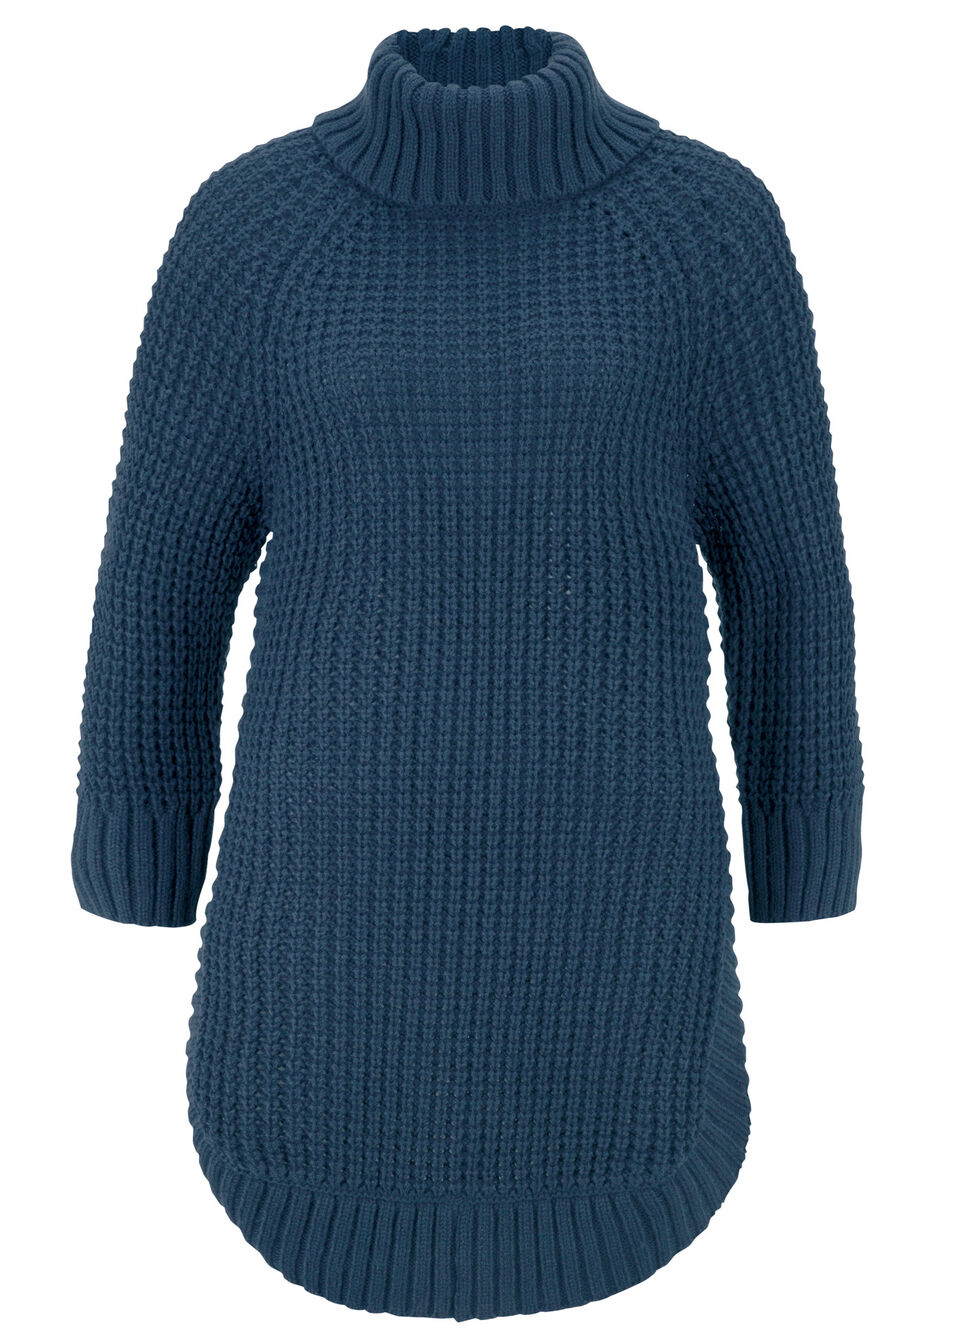 Miękki sweter dzianinowy, rękawy do łokcia bonprix ciemnoniebieski